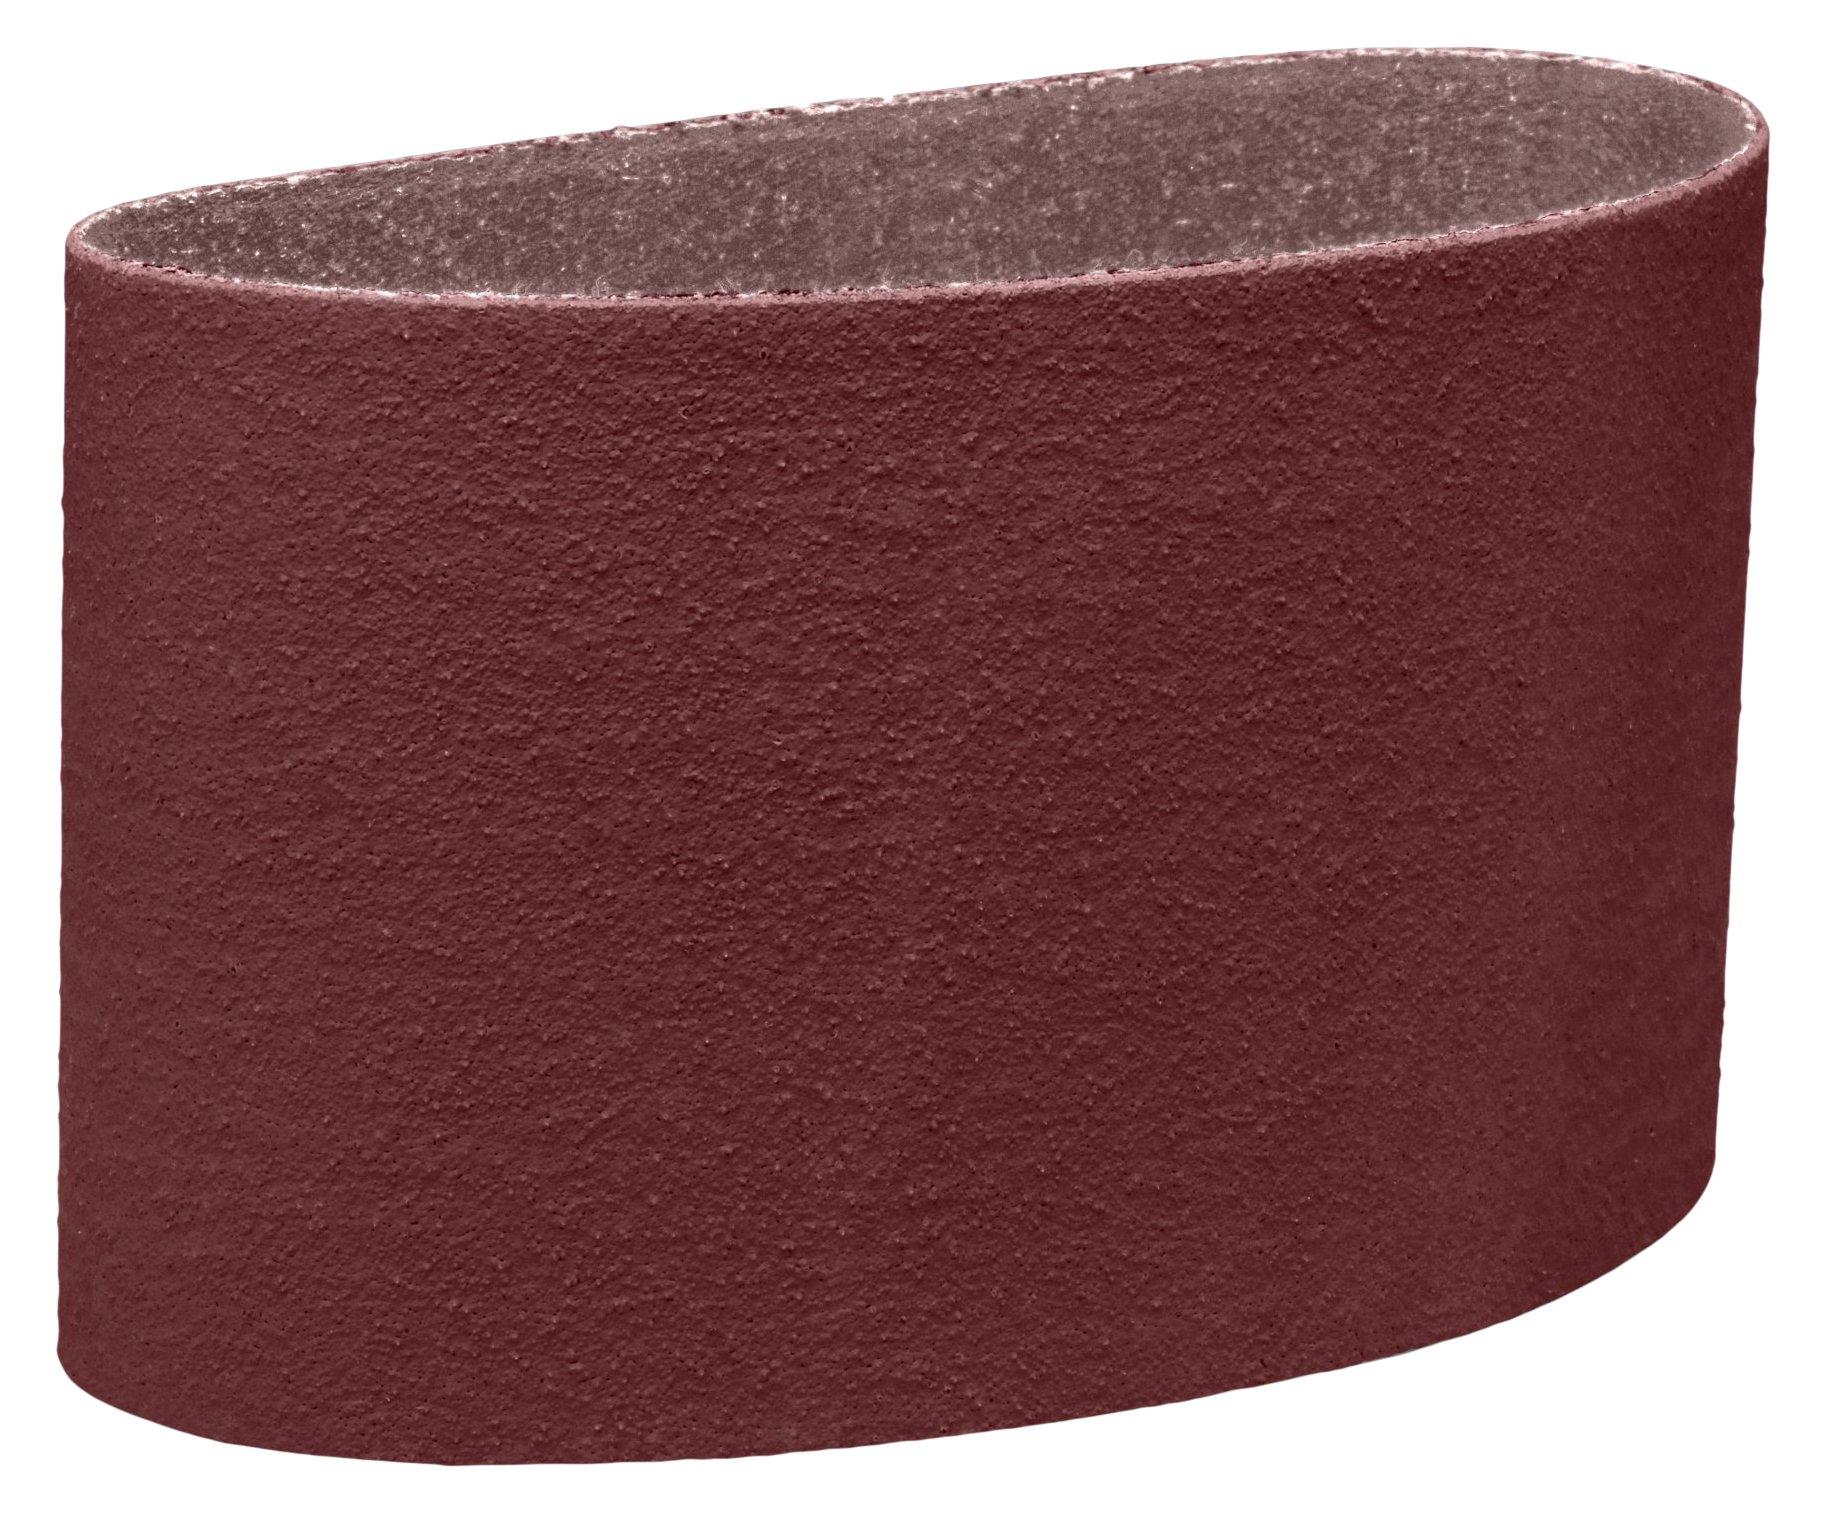 3M 27516-case Cloth Belt 341D, 24 X-Weight, 9'' x 138-1/2'', Aluminum Oxide, Brown (Pack of 10)